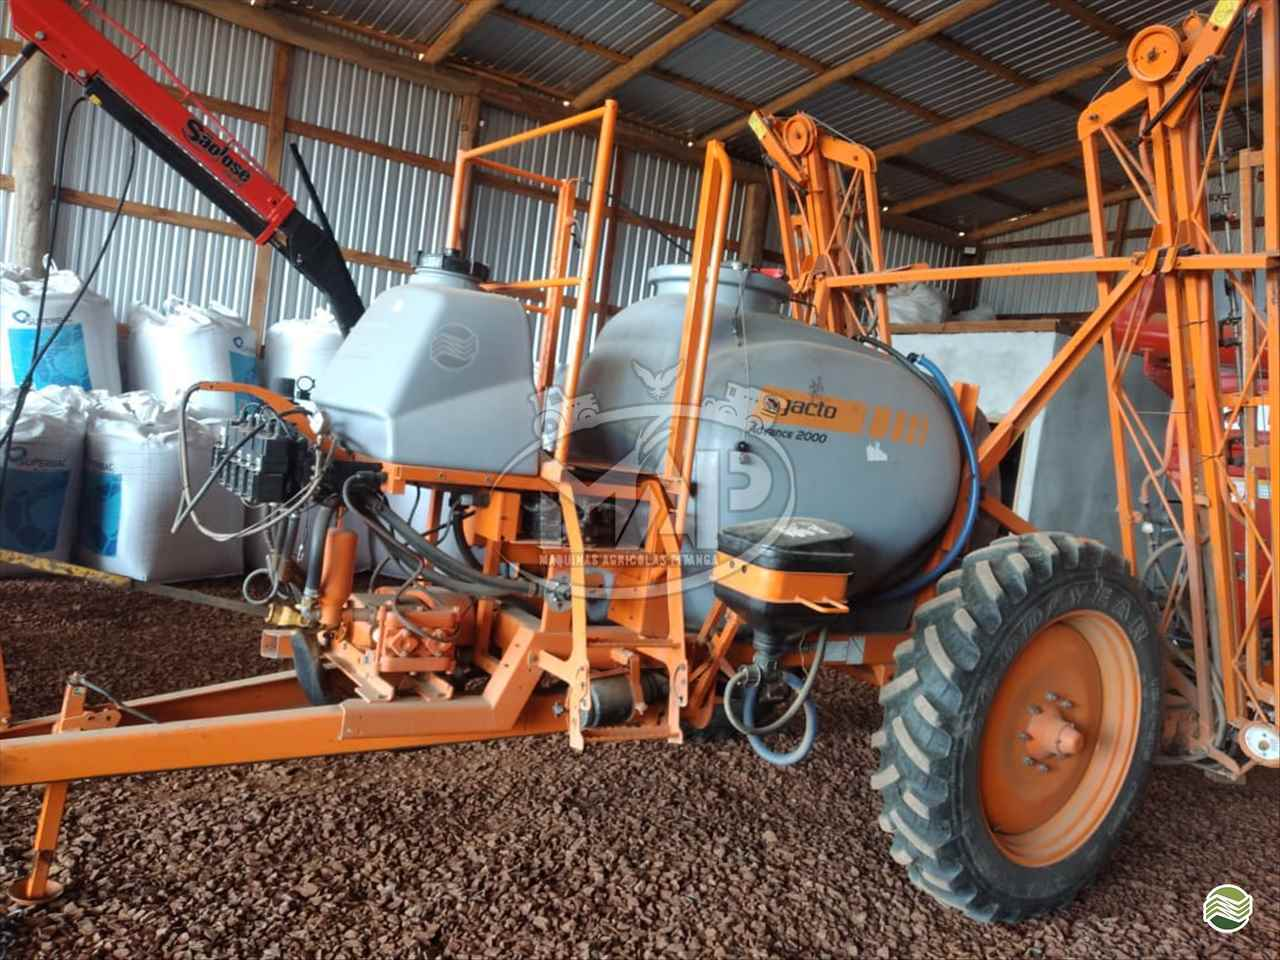 PULVERIZADOR JACTO ADVANCE 2000 AM18 Arrasto Máquinas Agrícolas Pitanga PITANGA PARANÁ PR